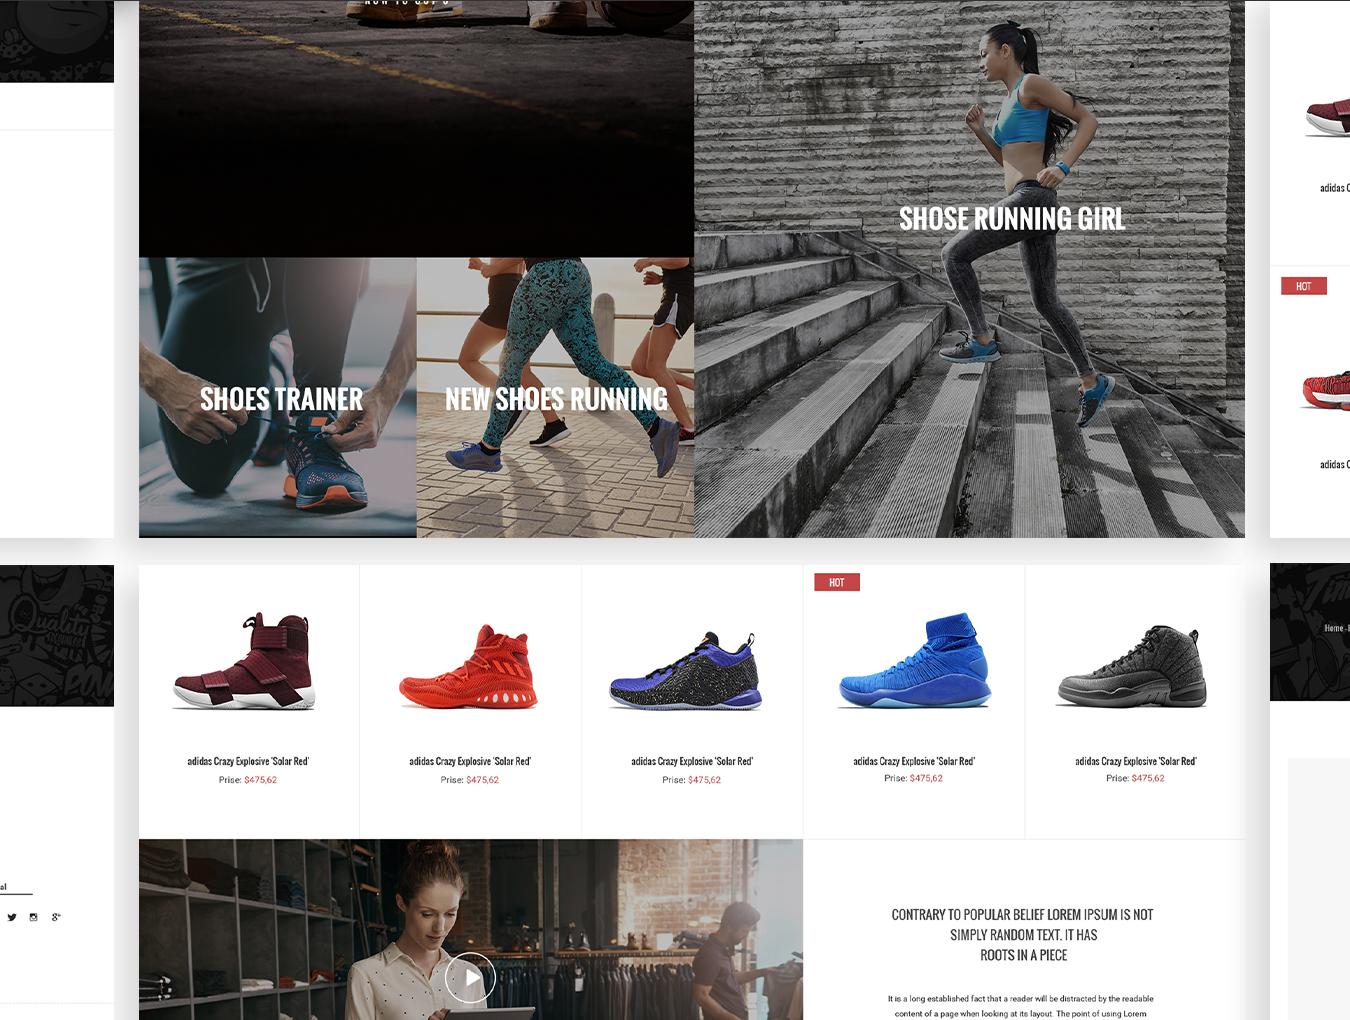 完整的鞋类电商平台MoodShop网站设计.psd素材下载 VIP网页模板-第7张